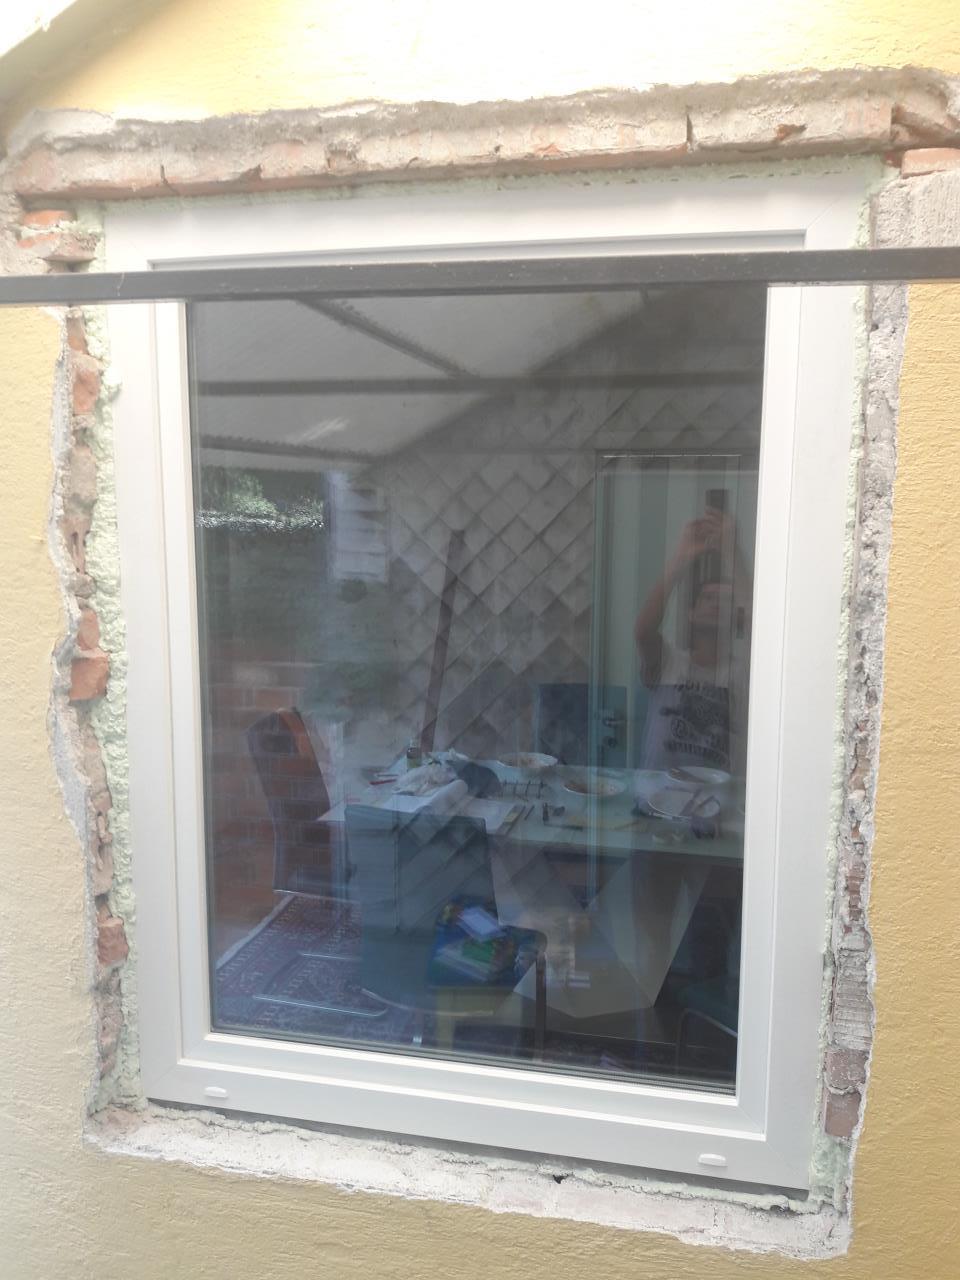 Bevorzugt Gelöst] Fensterlaibung verputzen   Fensterforum auf energiesparhaus.at KO52